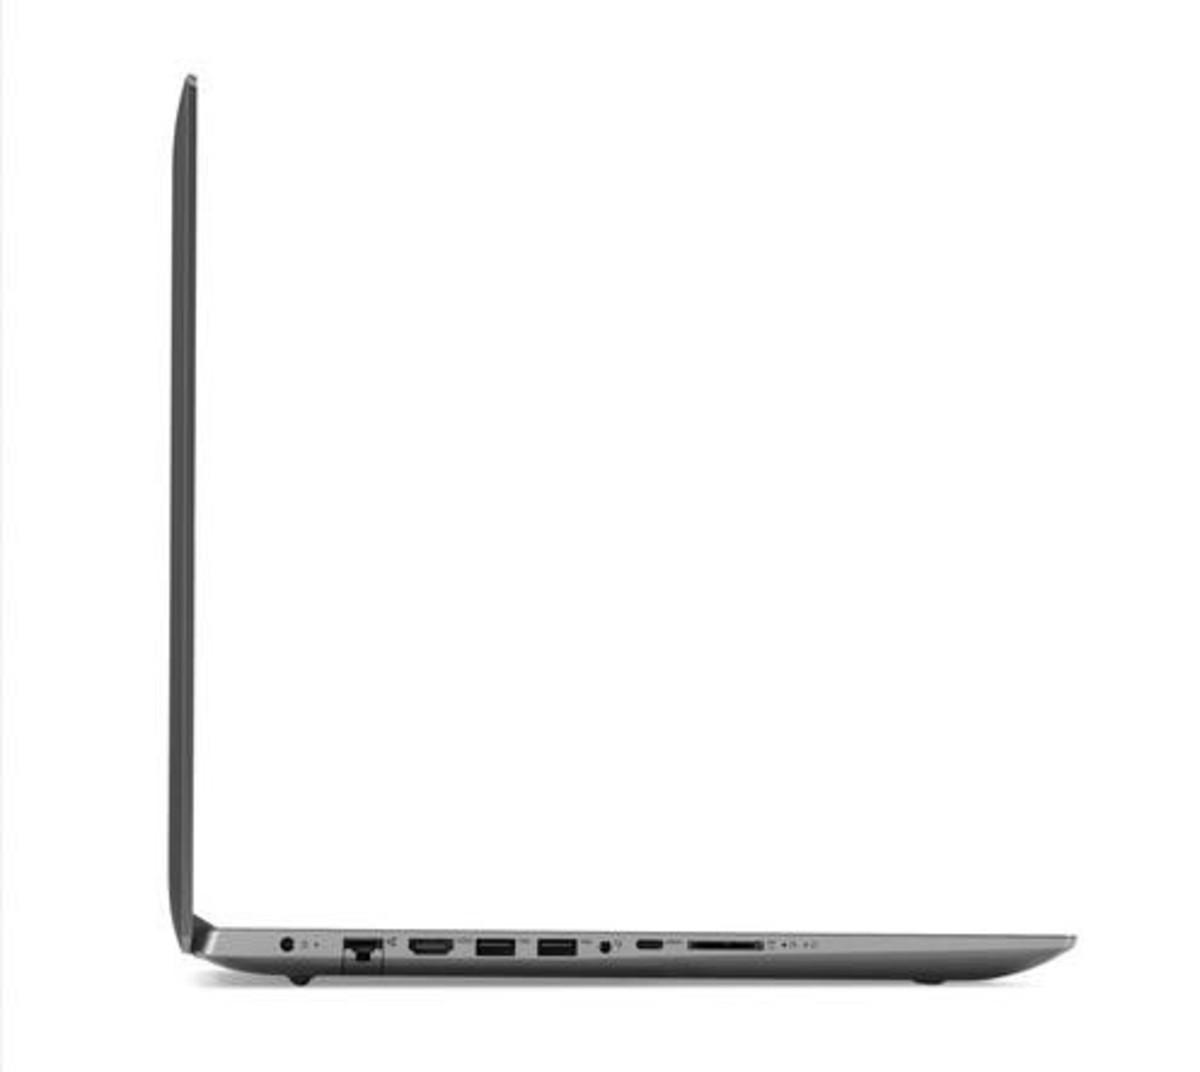 Bild 2 von Lenovo Notebook IdeaPad 330-17AST | B-Ware - Ausstellungsstück - kleine Mängel am Gehäuse